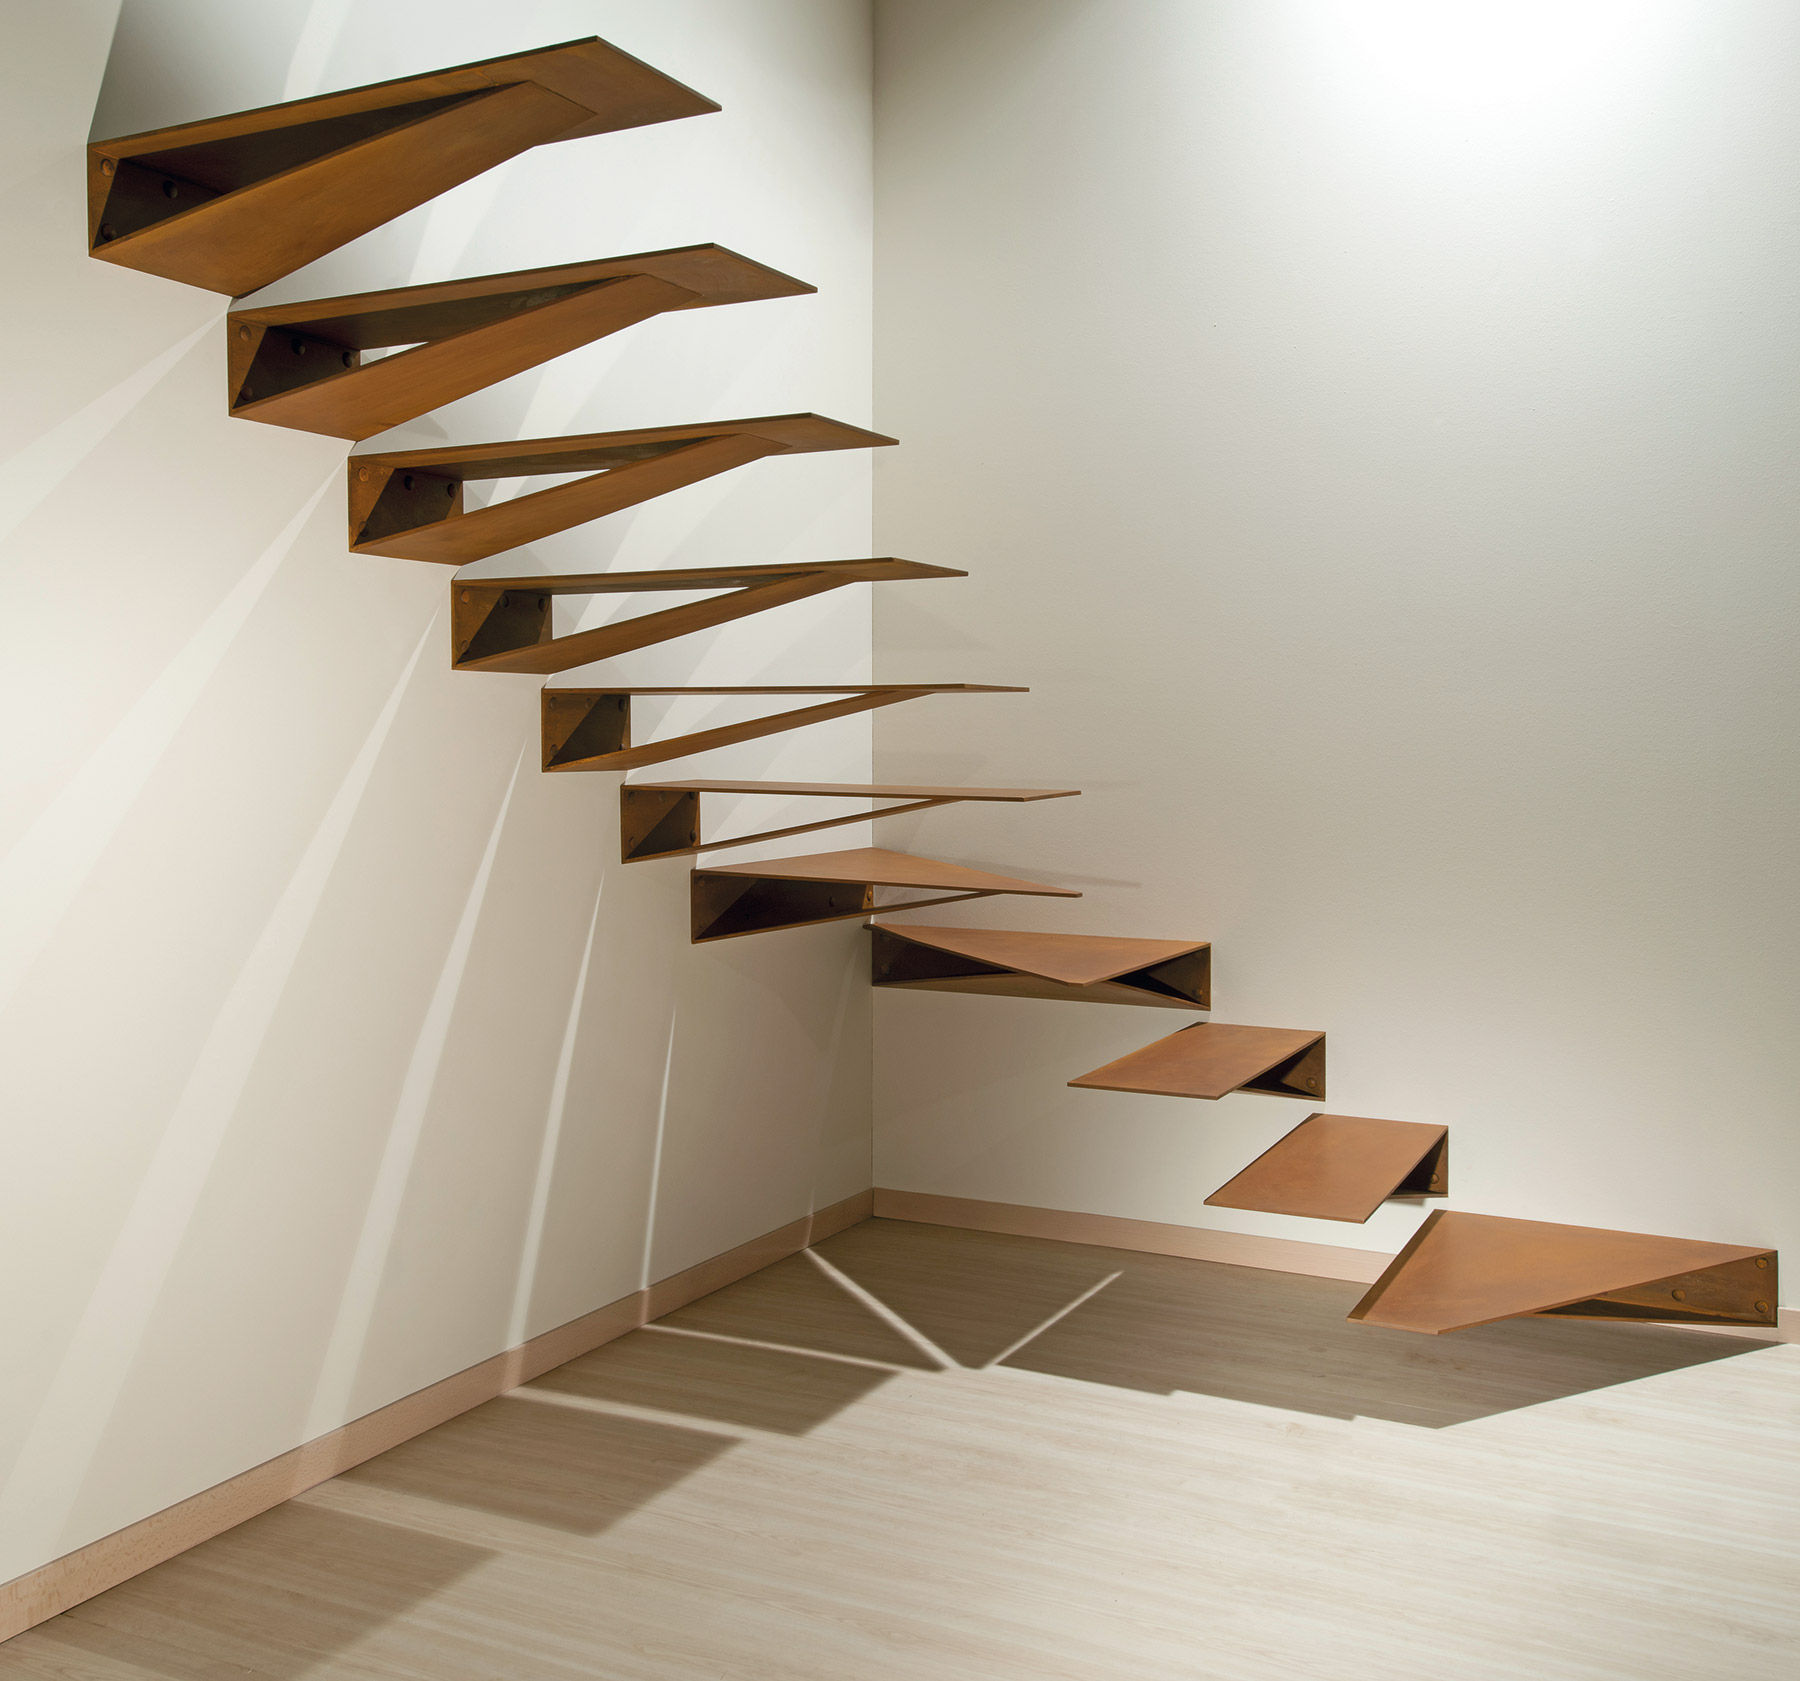 scala origami in corten by Marretti